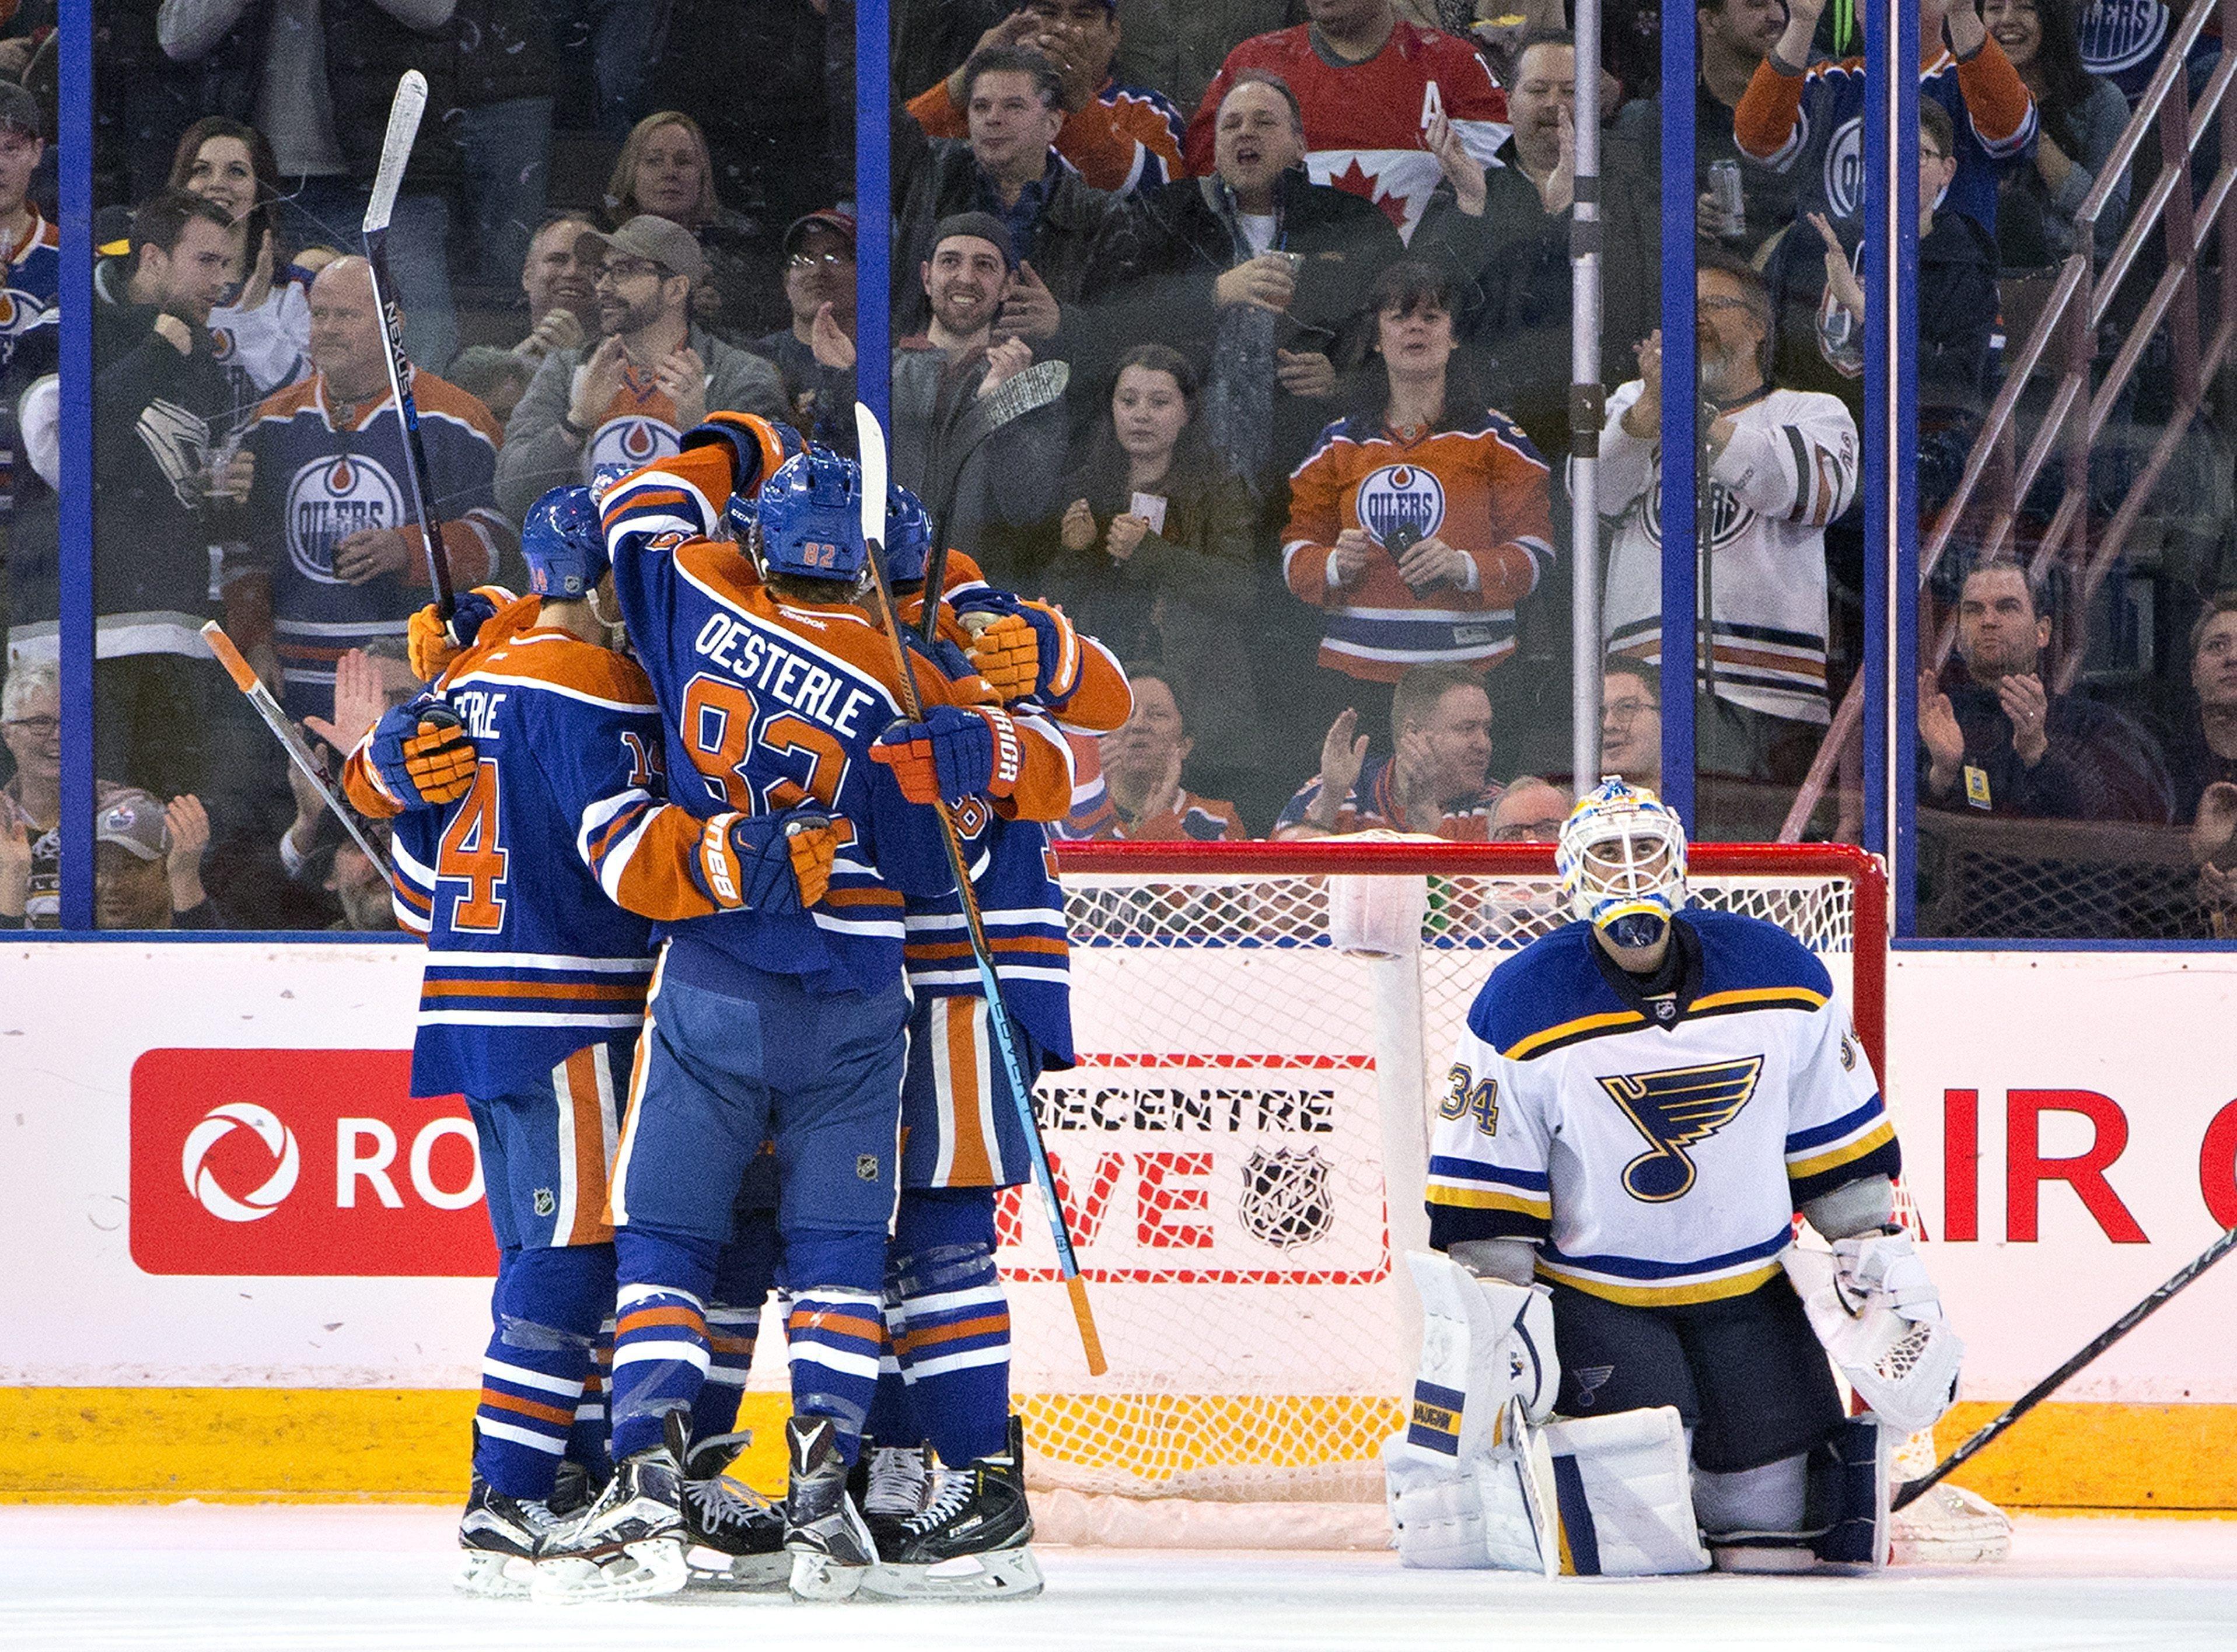 Blues_oilers_hockey